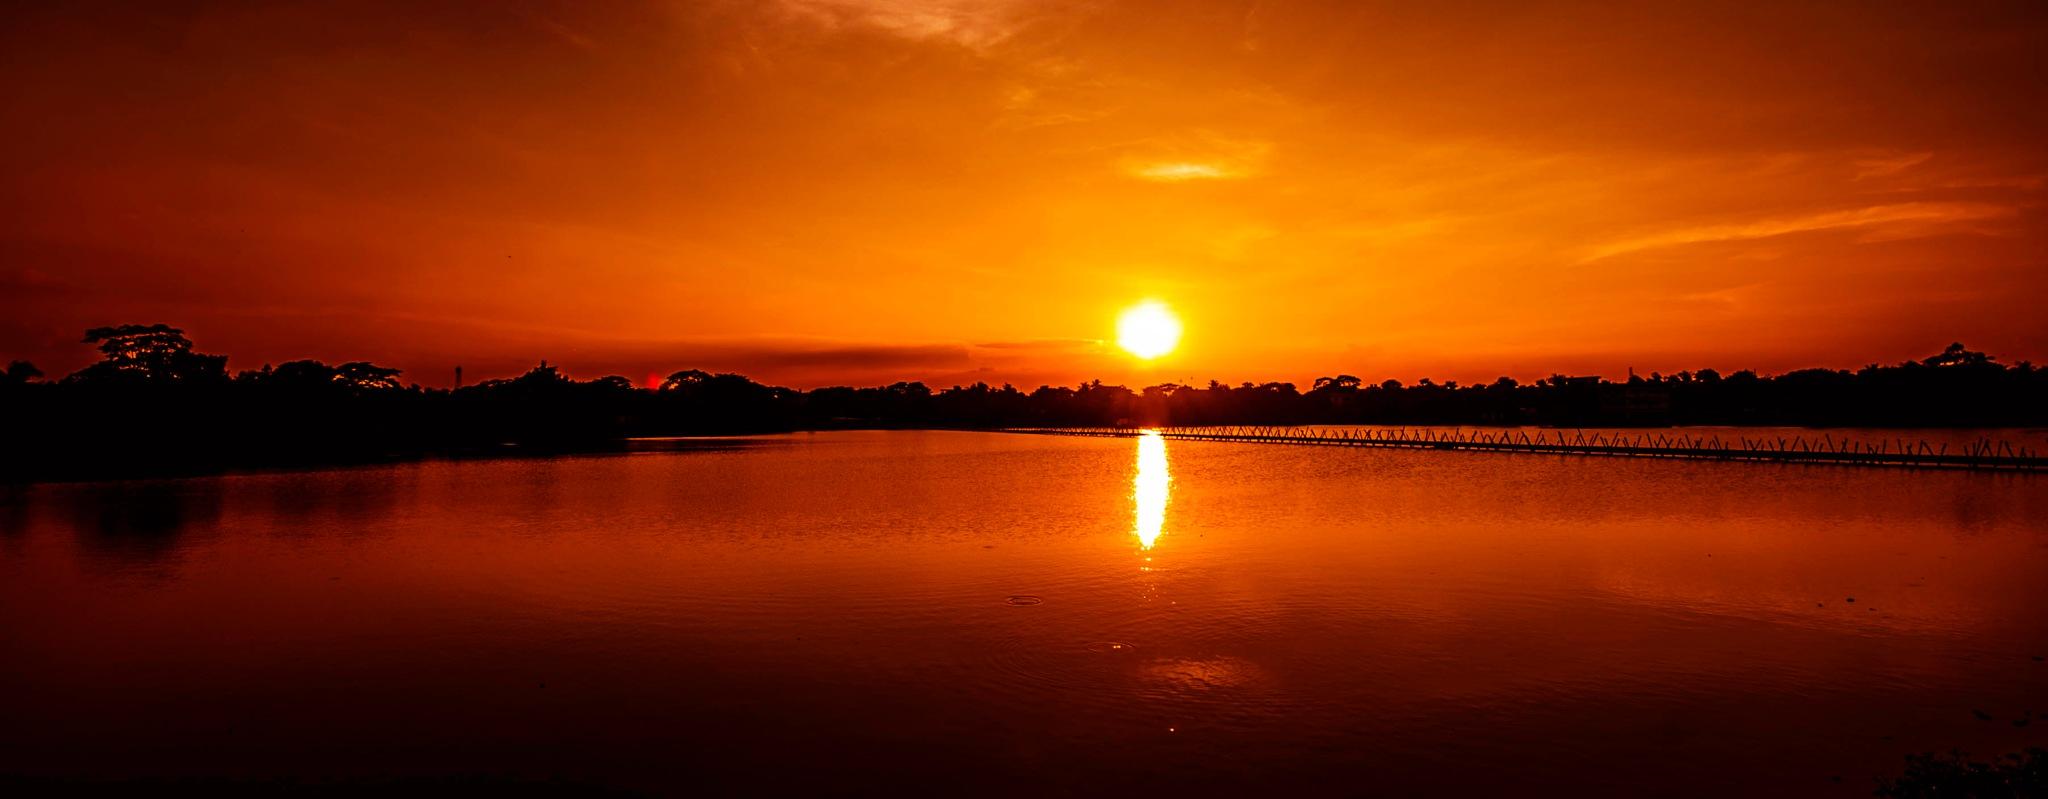 Sunset !!!!!! by akm.azad.14